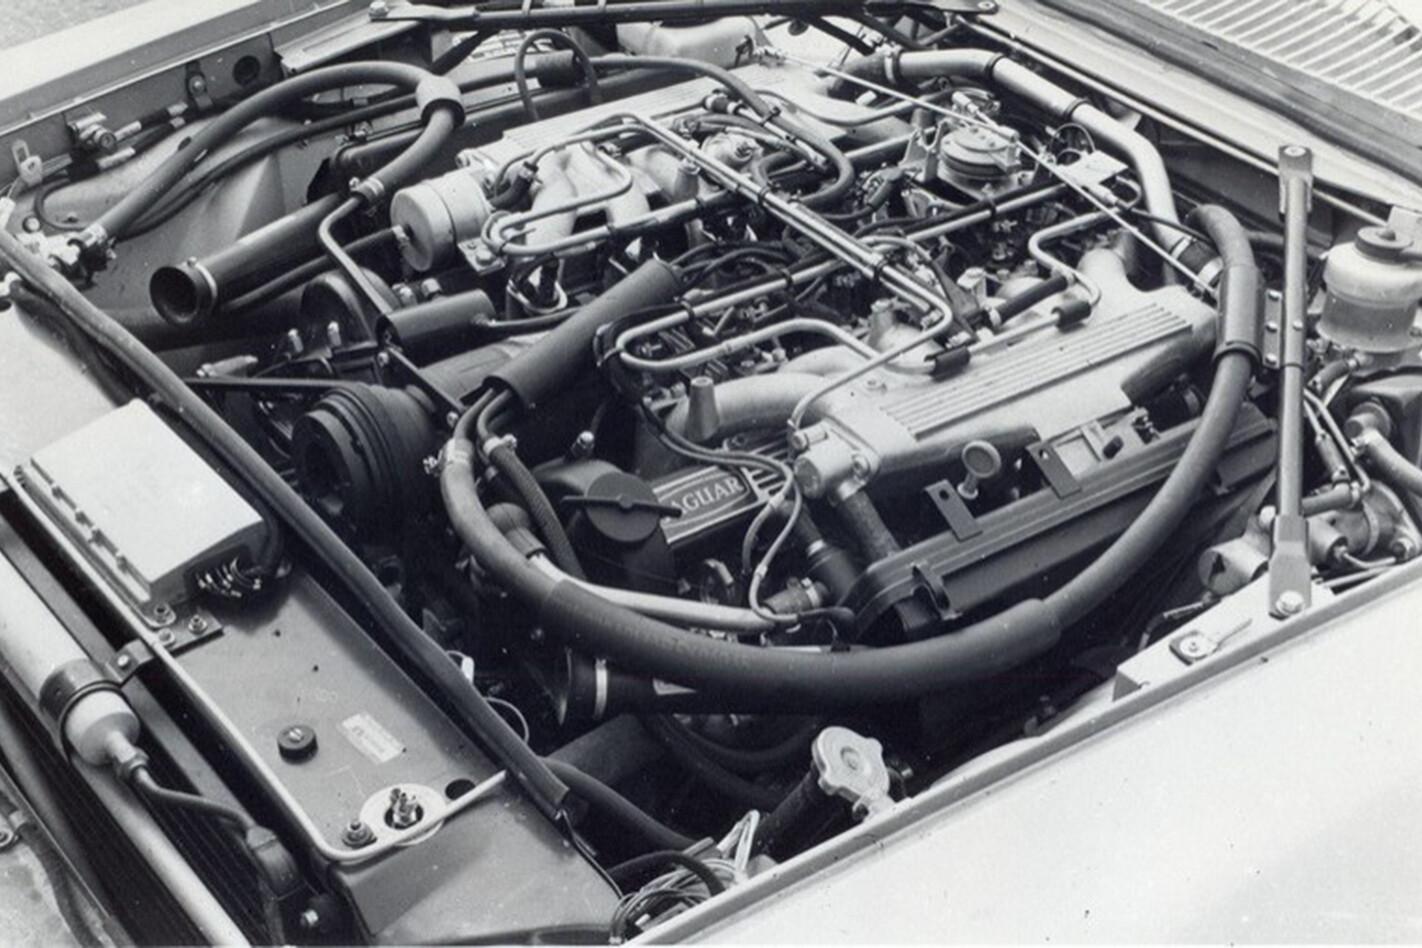 Quints drives a V12 Jaguar